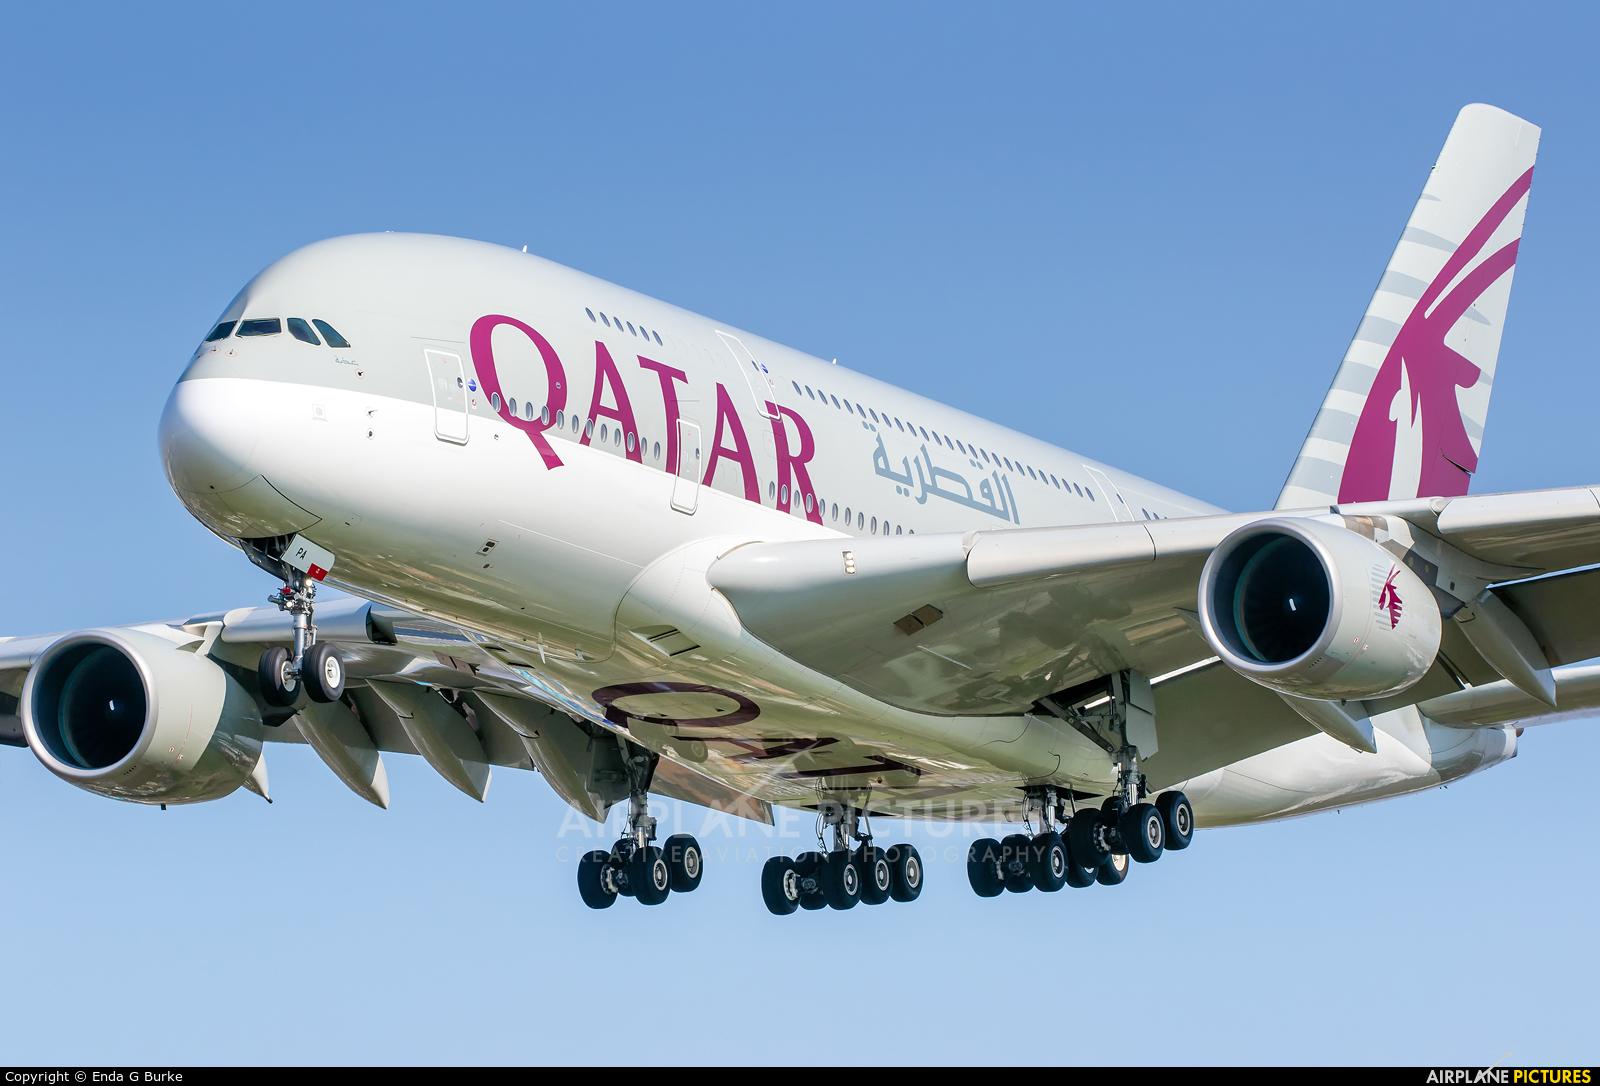 Qatar Airways A7-APA aircraft at London - Heathrow